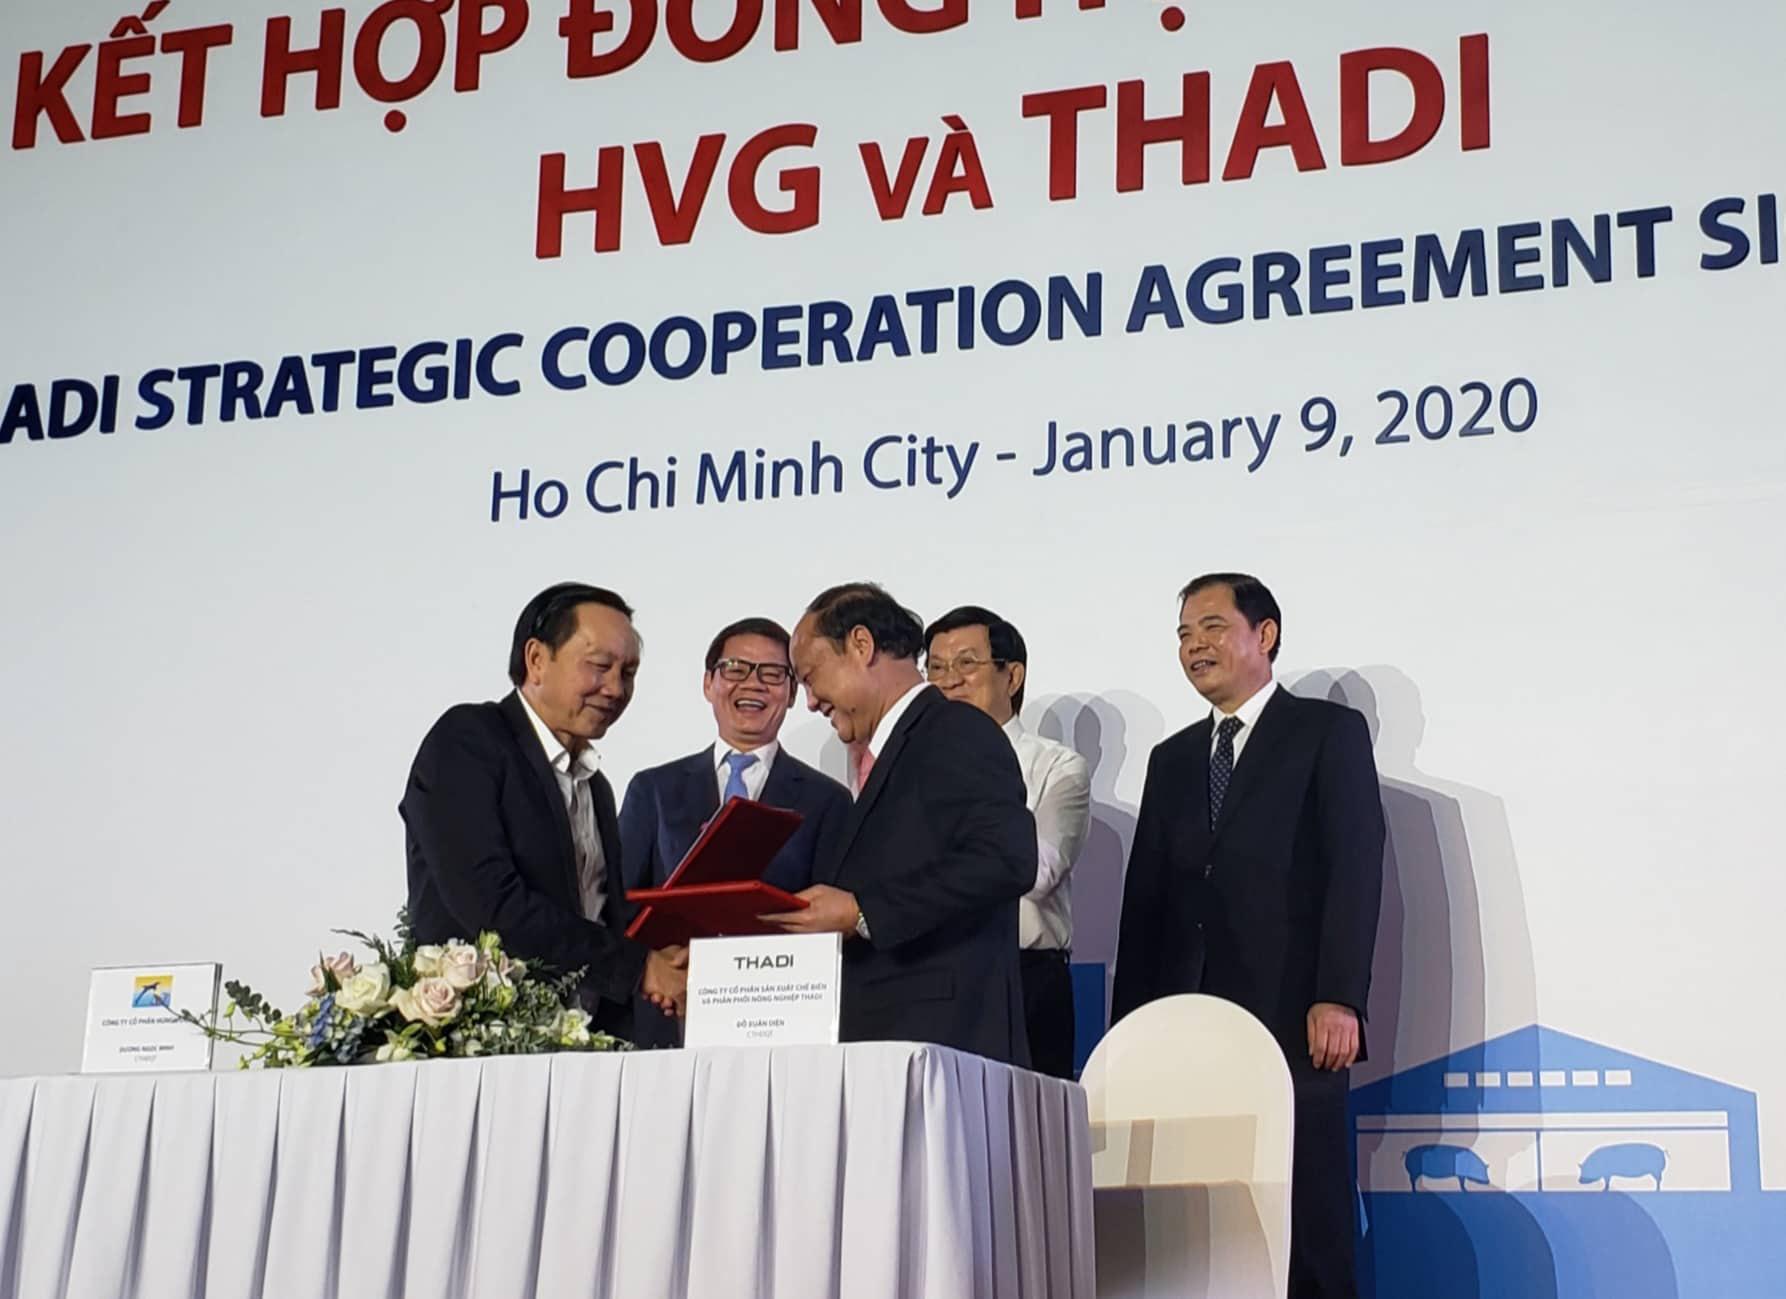 Hùng Vương lỗ thêm hơn 250 tỉ đồng trước khi hợp tác chiến lược cùng Thadi - Ảnh 1.